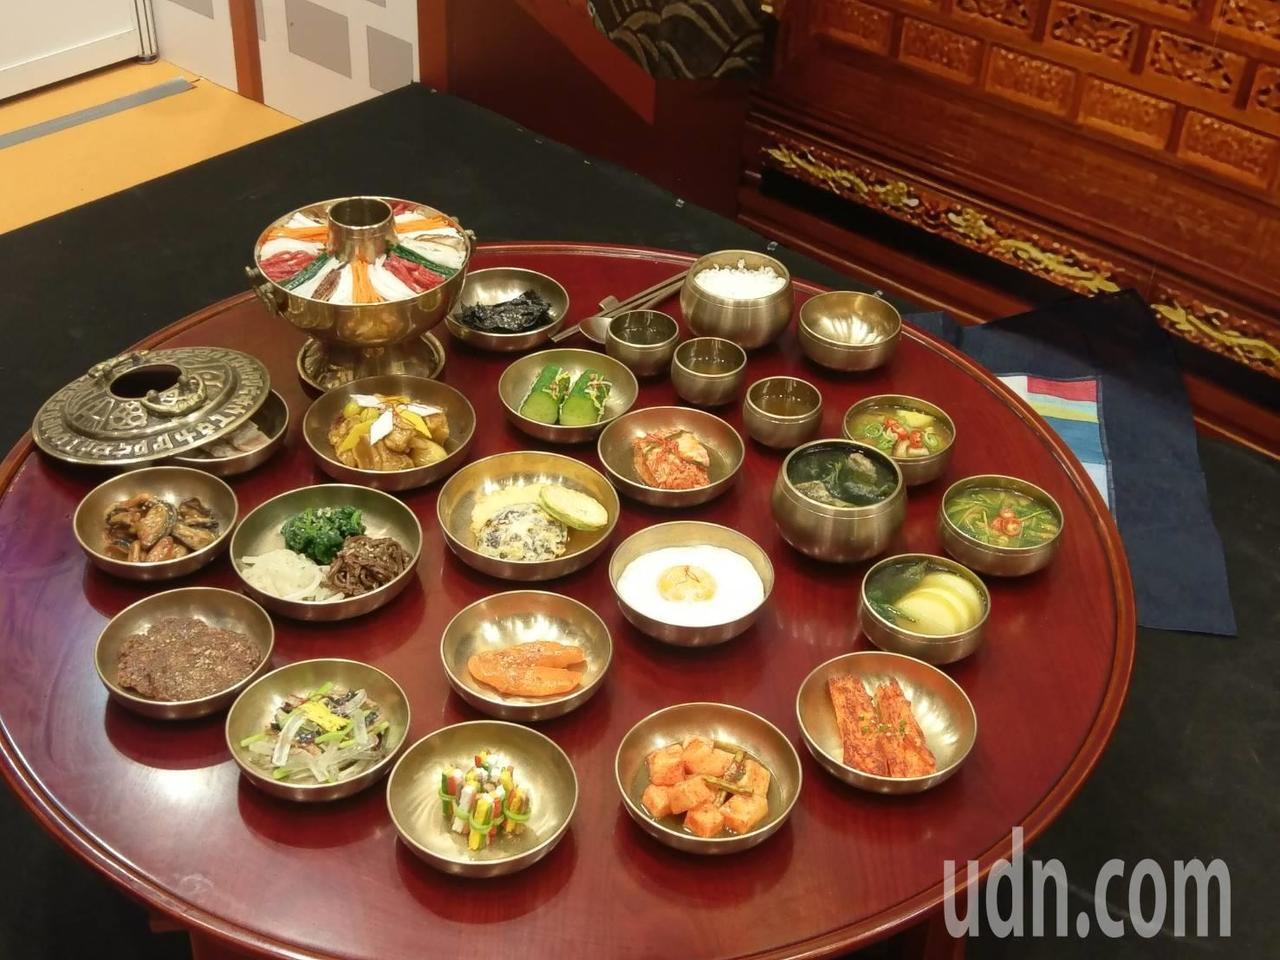 韓國主廚料理秀將最原汁原味韓式料理呈現給台灣民眾,讓更多台灣民眾對韓國文化留下美...